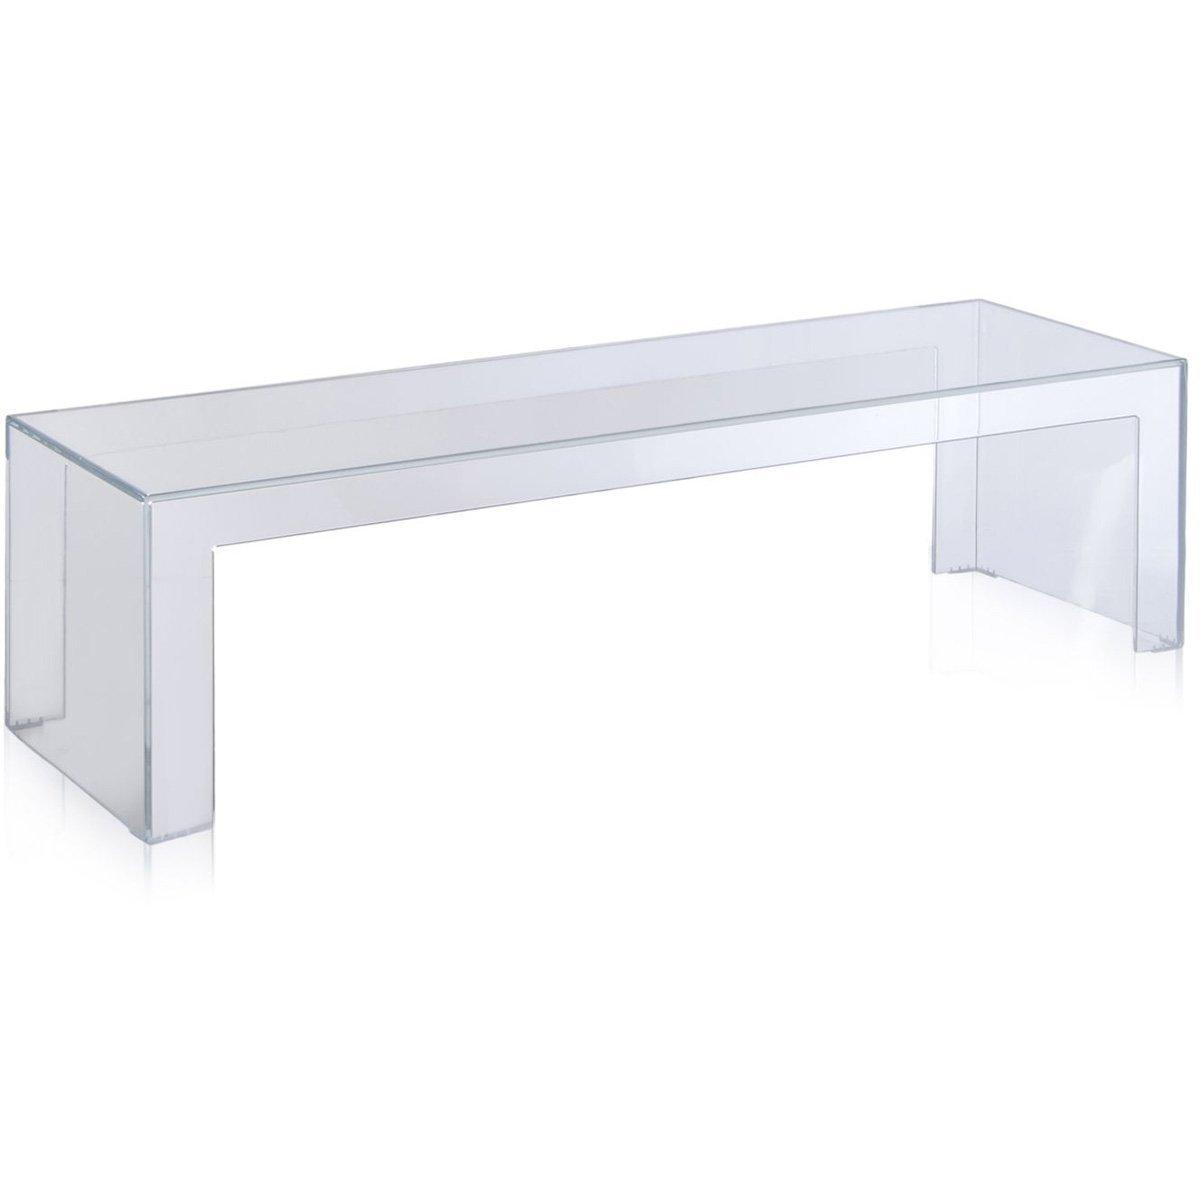 Migliore tavolo di cristallo 2019 come scegliere for Tavolo cristallo prezzi